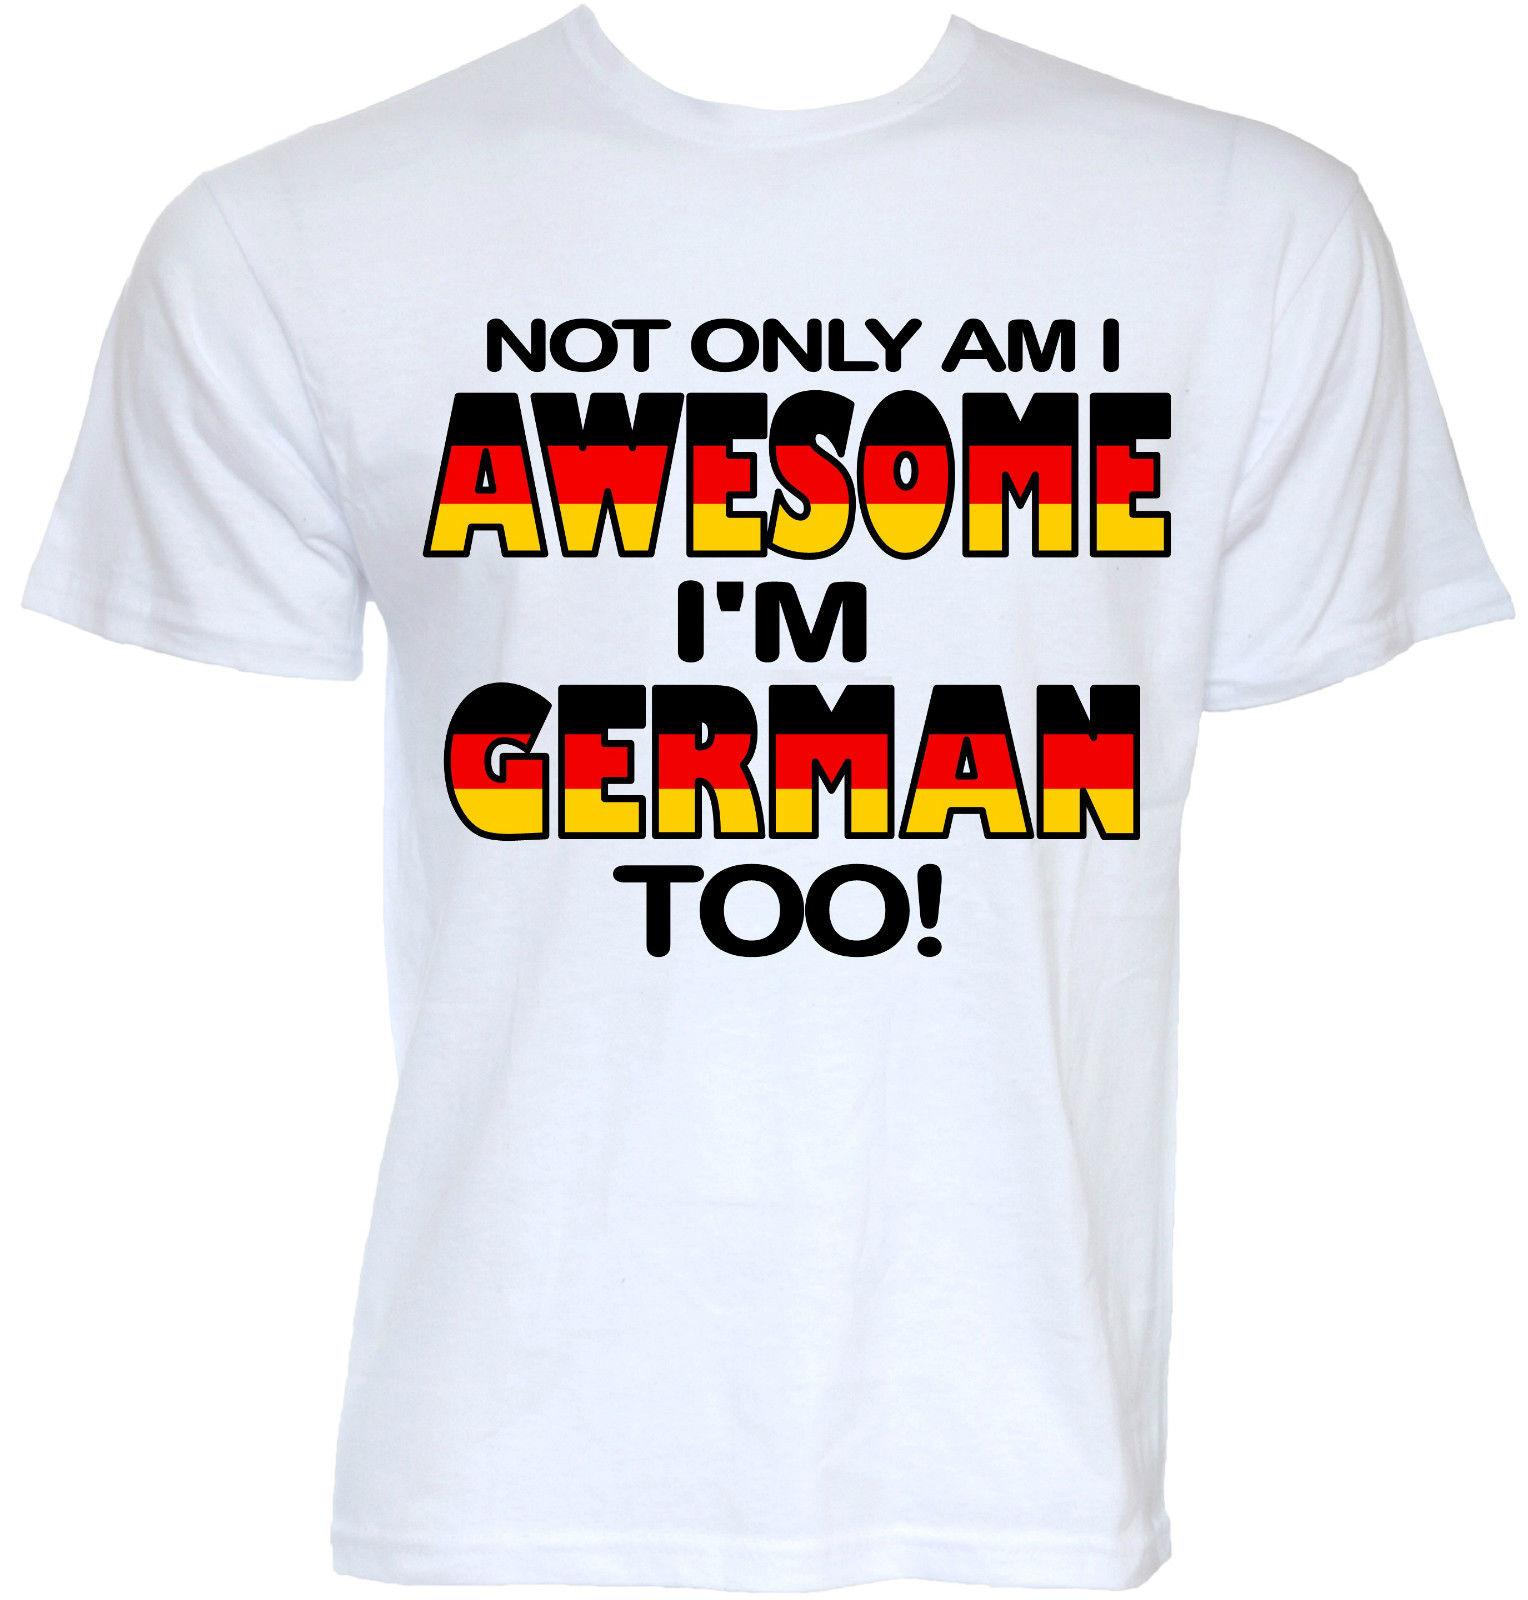 T Shirts Importers In Germany   Azərbaycan Dillər Universiteti